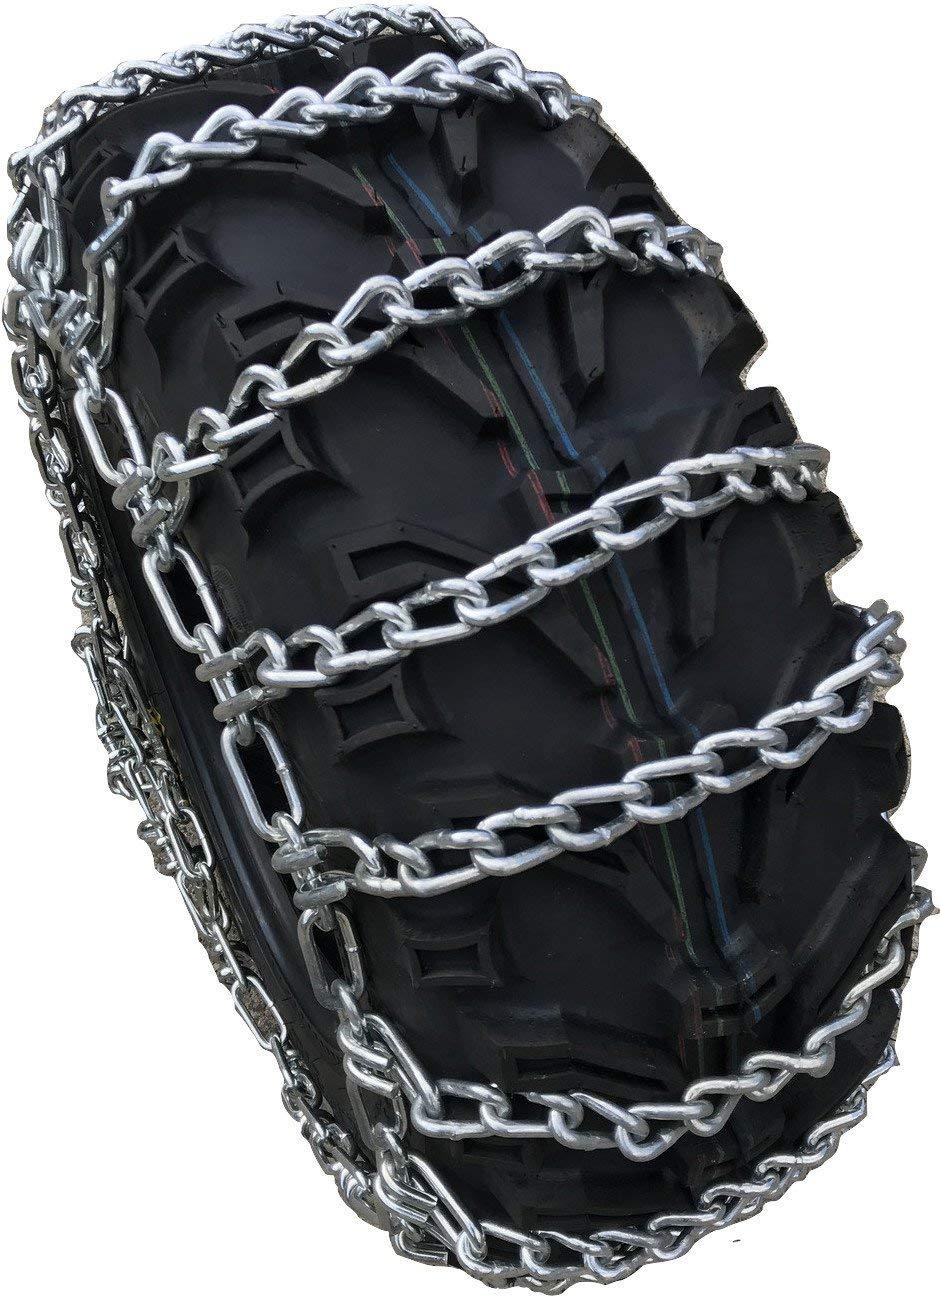 TireChain.com ATV UTV Tire Chains ATV512 Studless (No V-Bar) 24x11-11, 25x8-10, 25x8-11, 25x8-12, 26x8-12